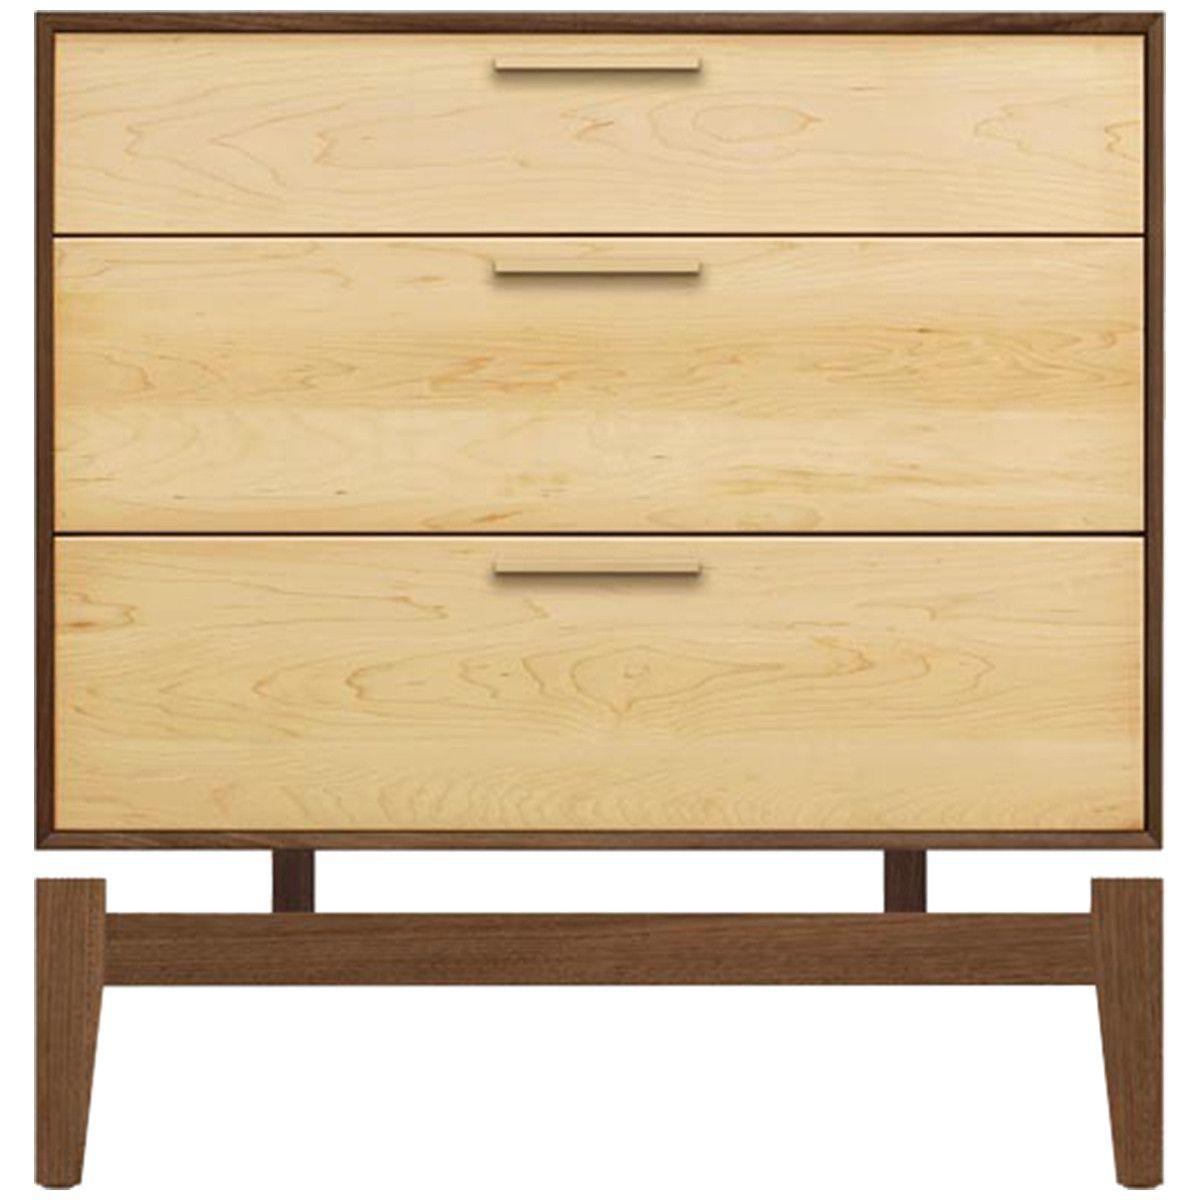 Copeland furniture soho 3 drawer nightstand